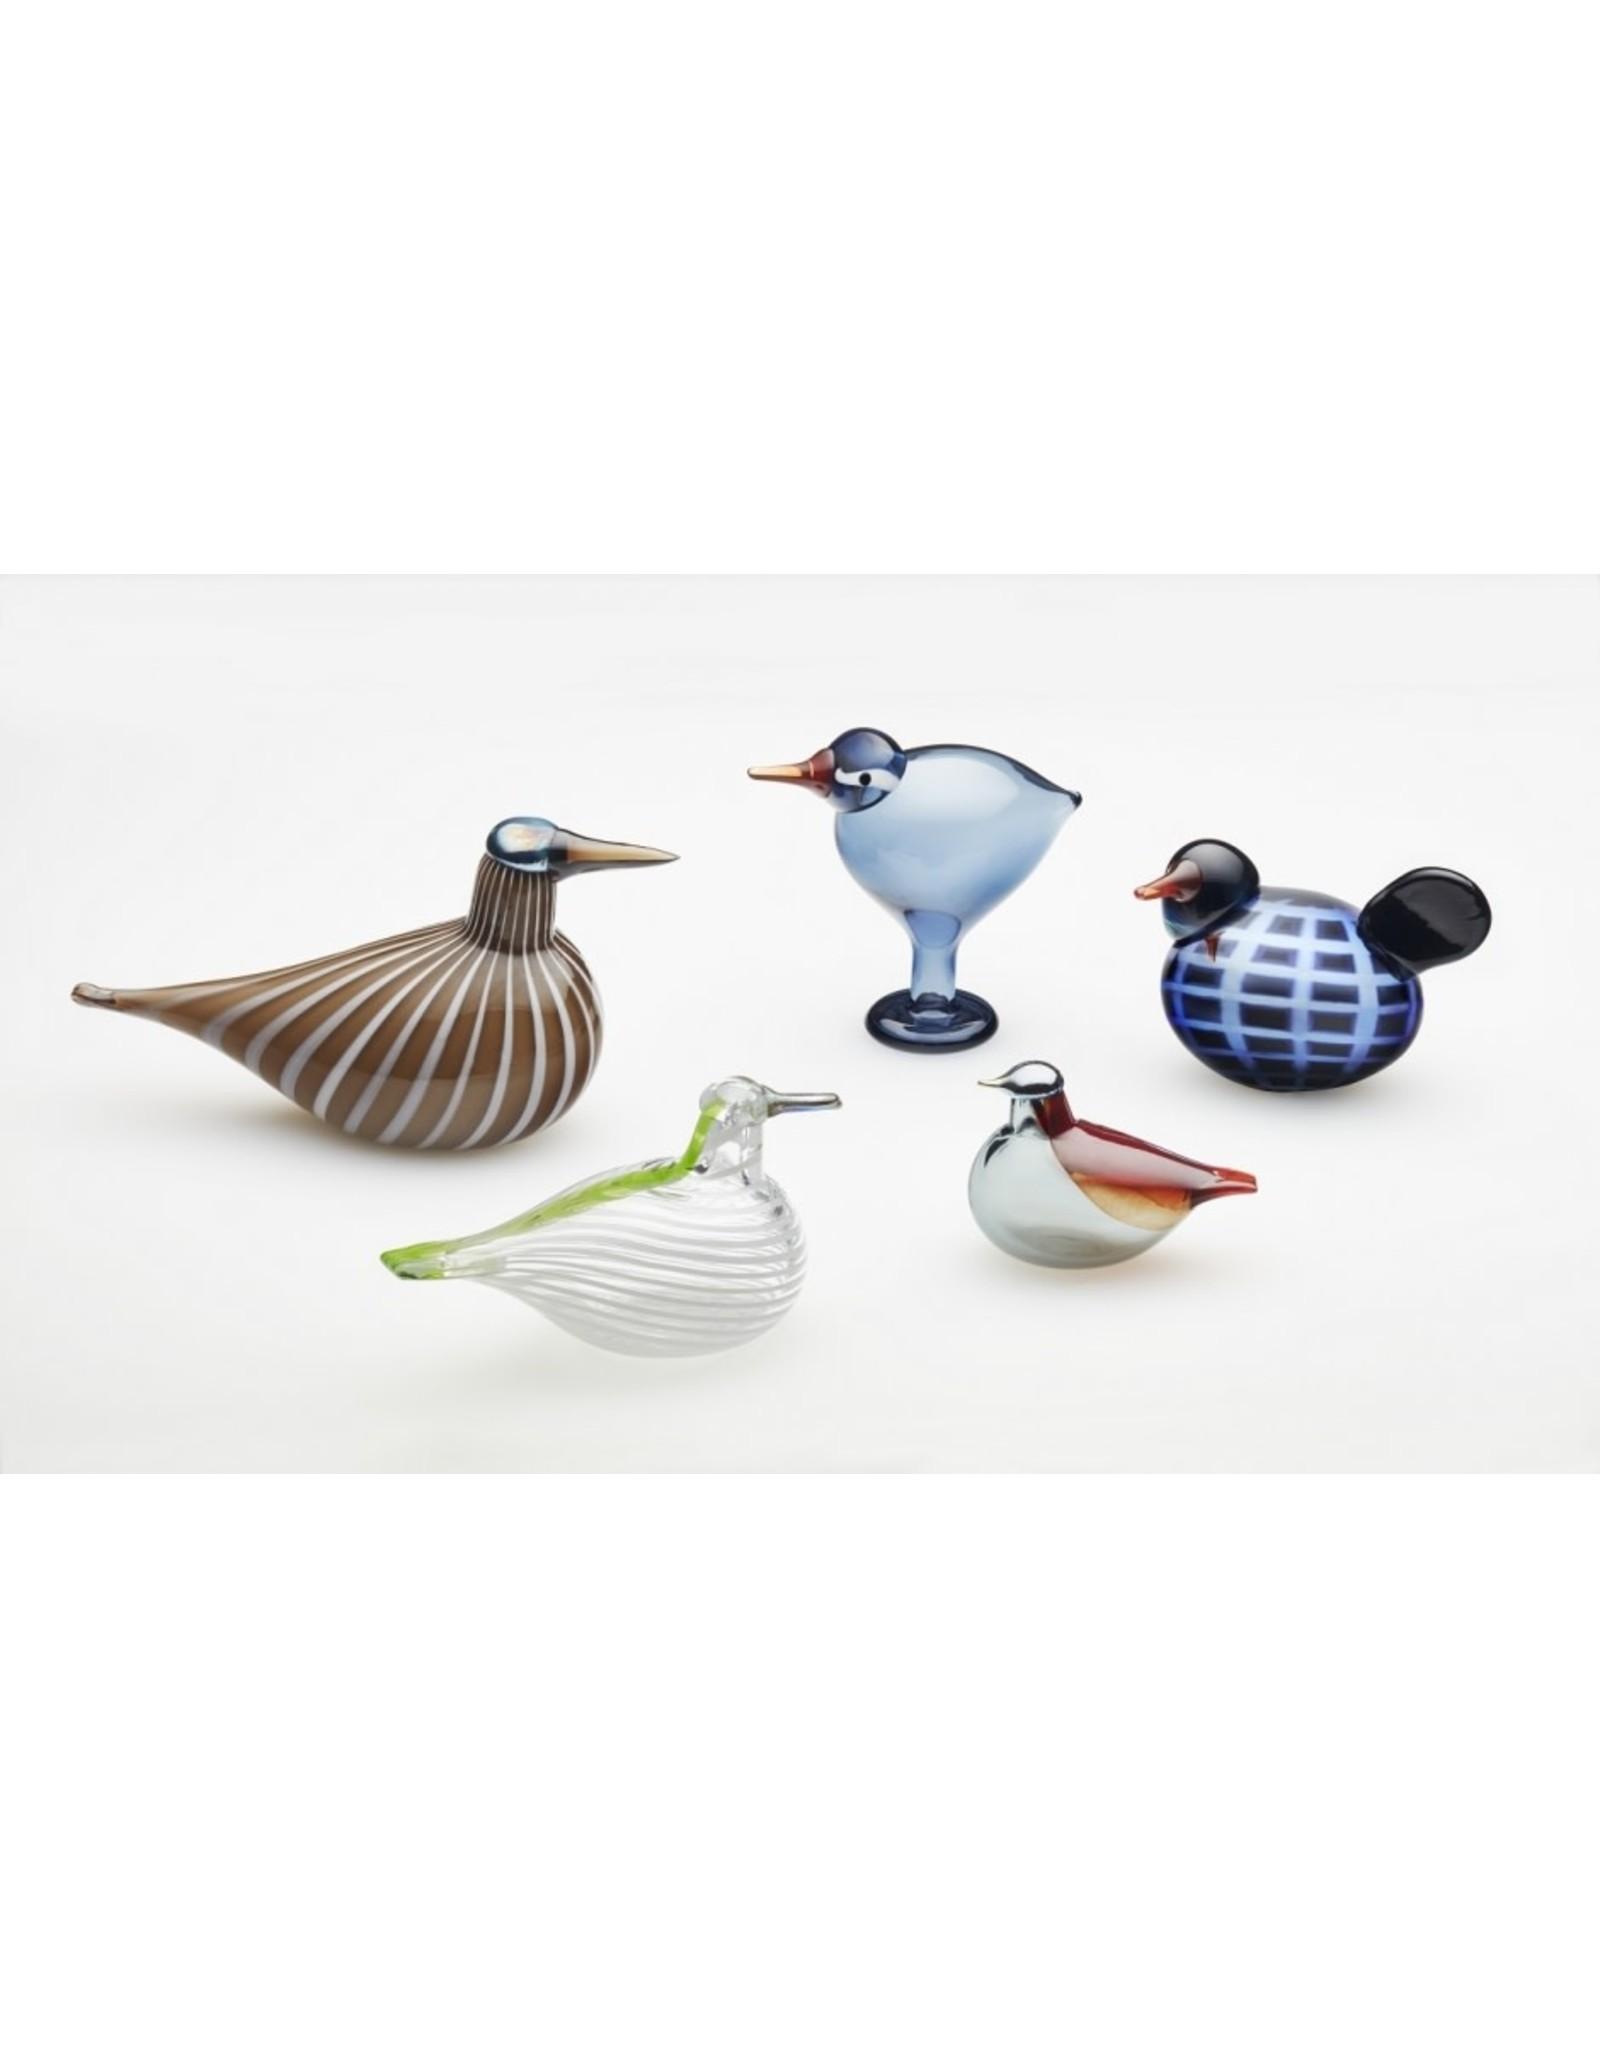 BIRDS BY TOIKKA KYOTO BIRD